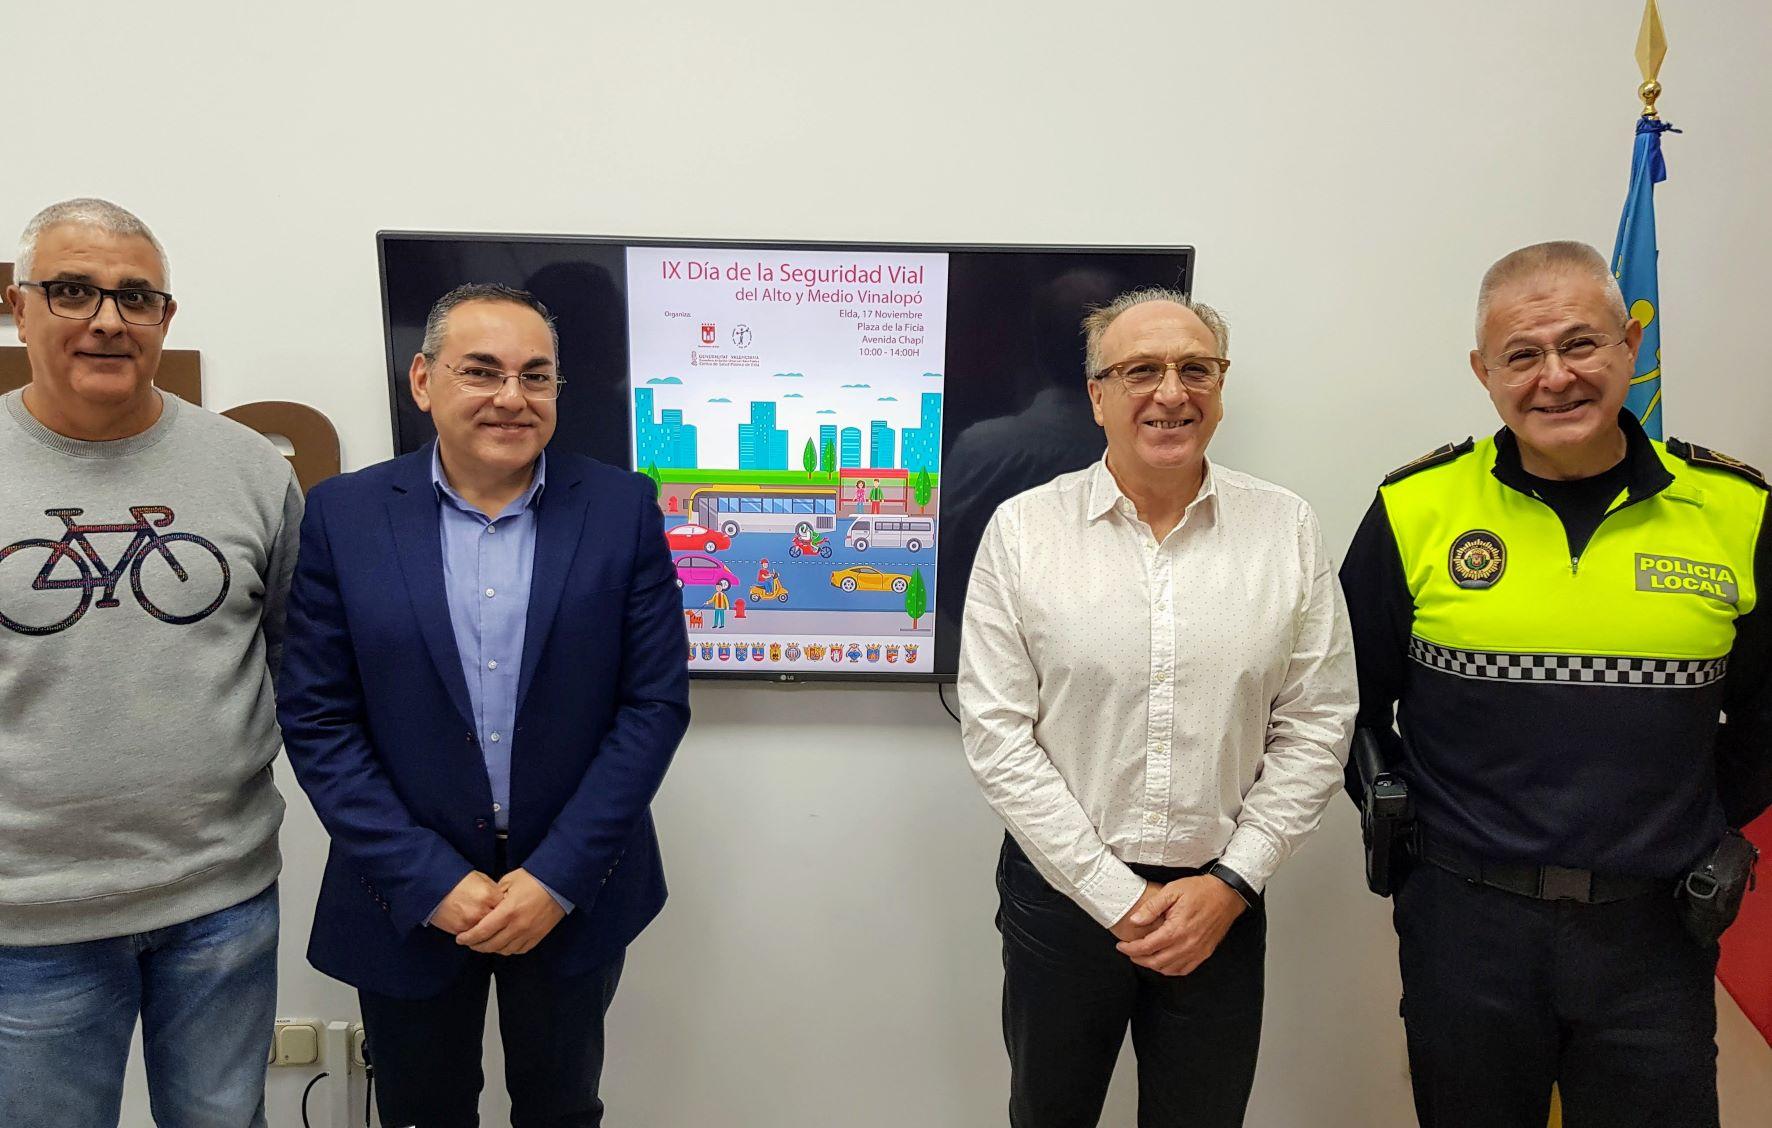 Elda acoge el IX Día de la Seguridad Vial con talleres educativos, un parque infantil de tráfico y una simulación de rescate con víctimas